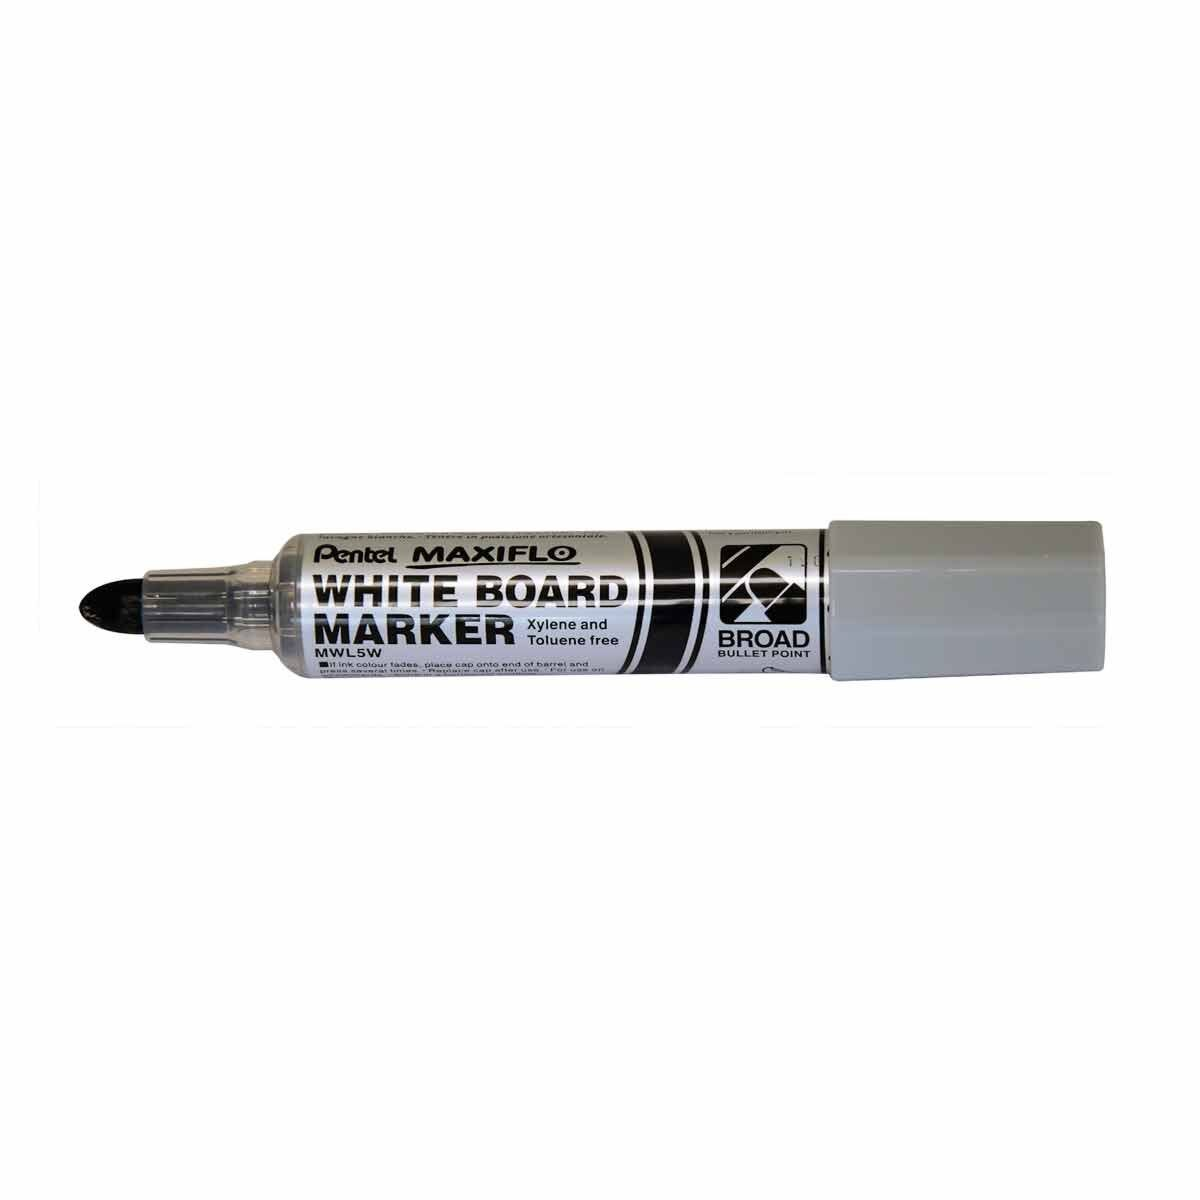 Pentel Maxiflo Whiteboard Marker